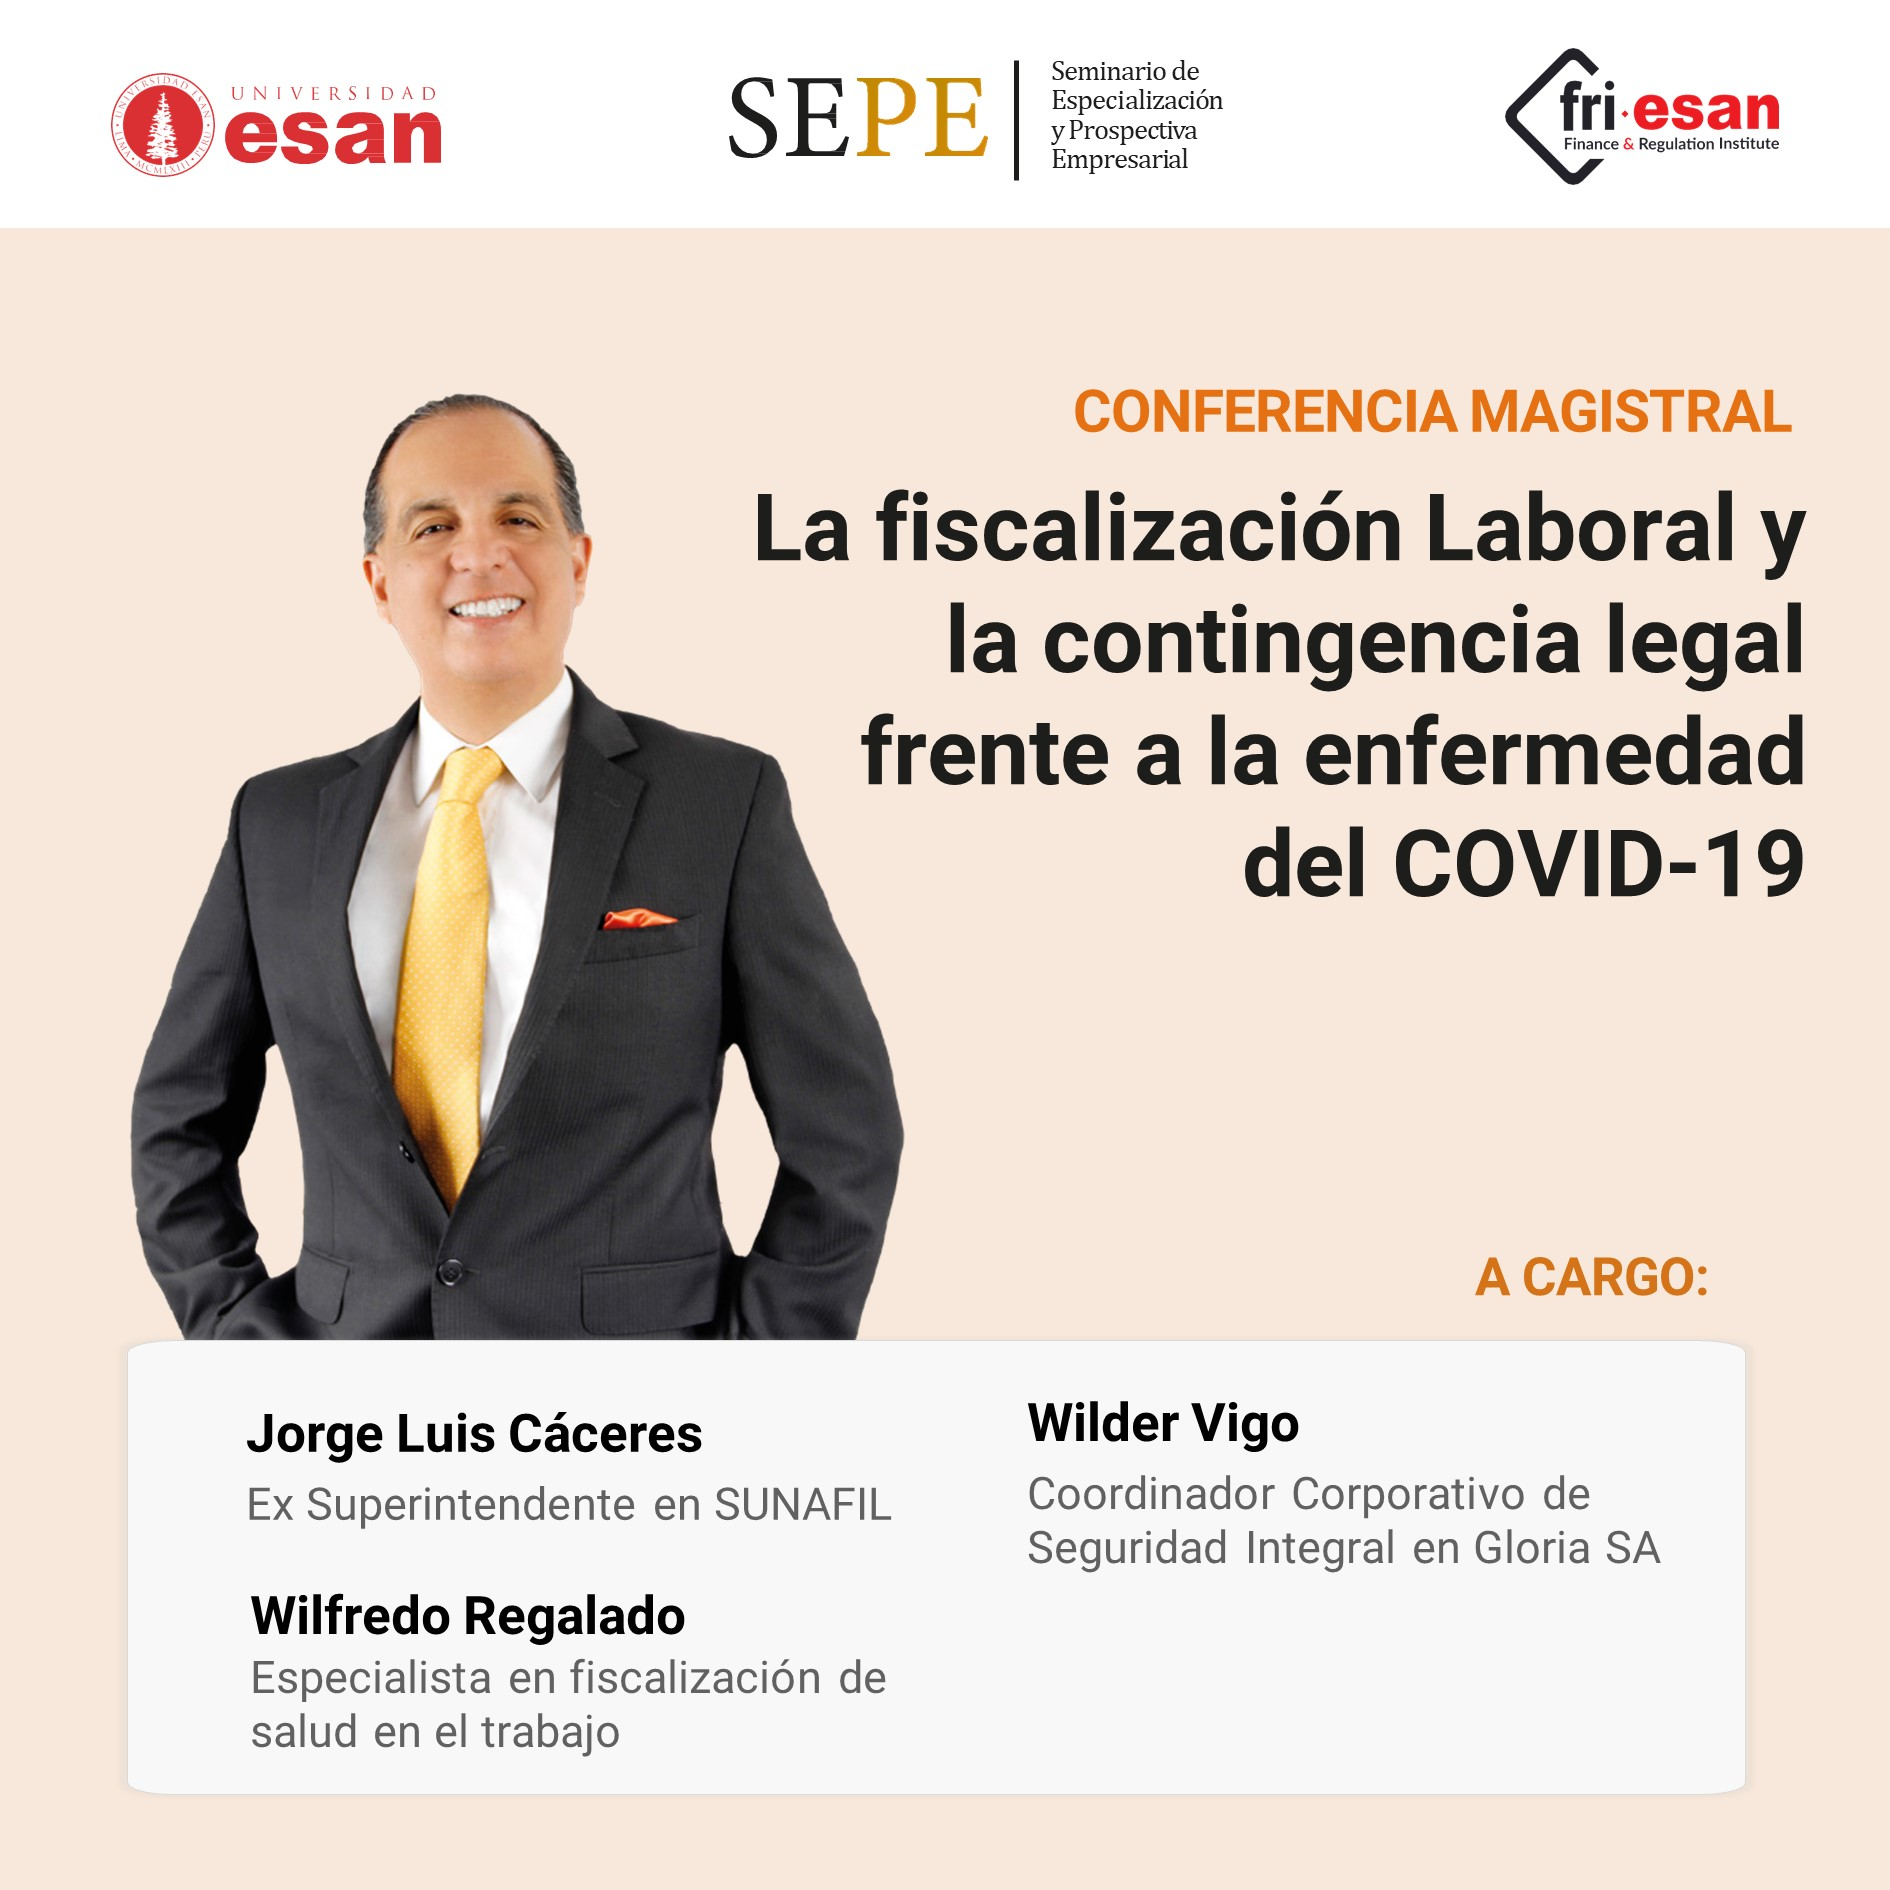 La fiscalización Laboral y la contingencia legal frente a la enfermedad del COVID-19